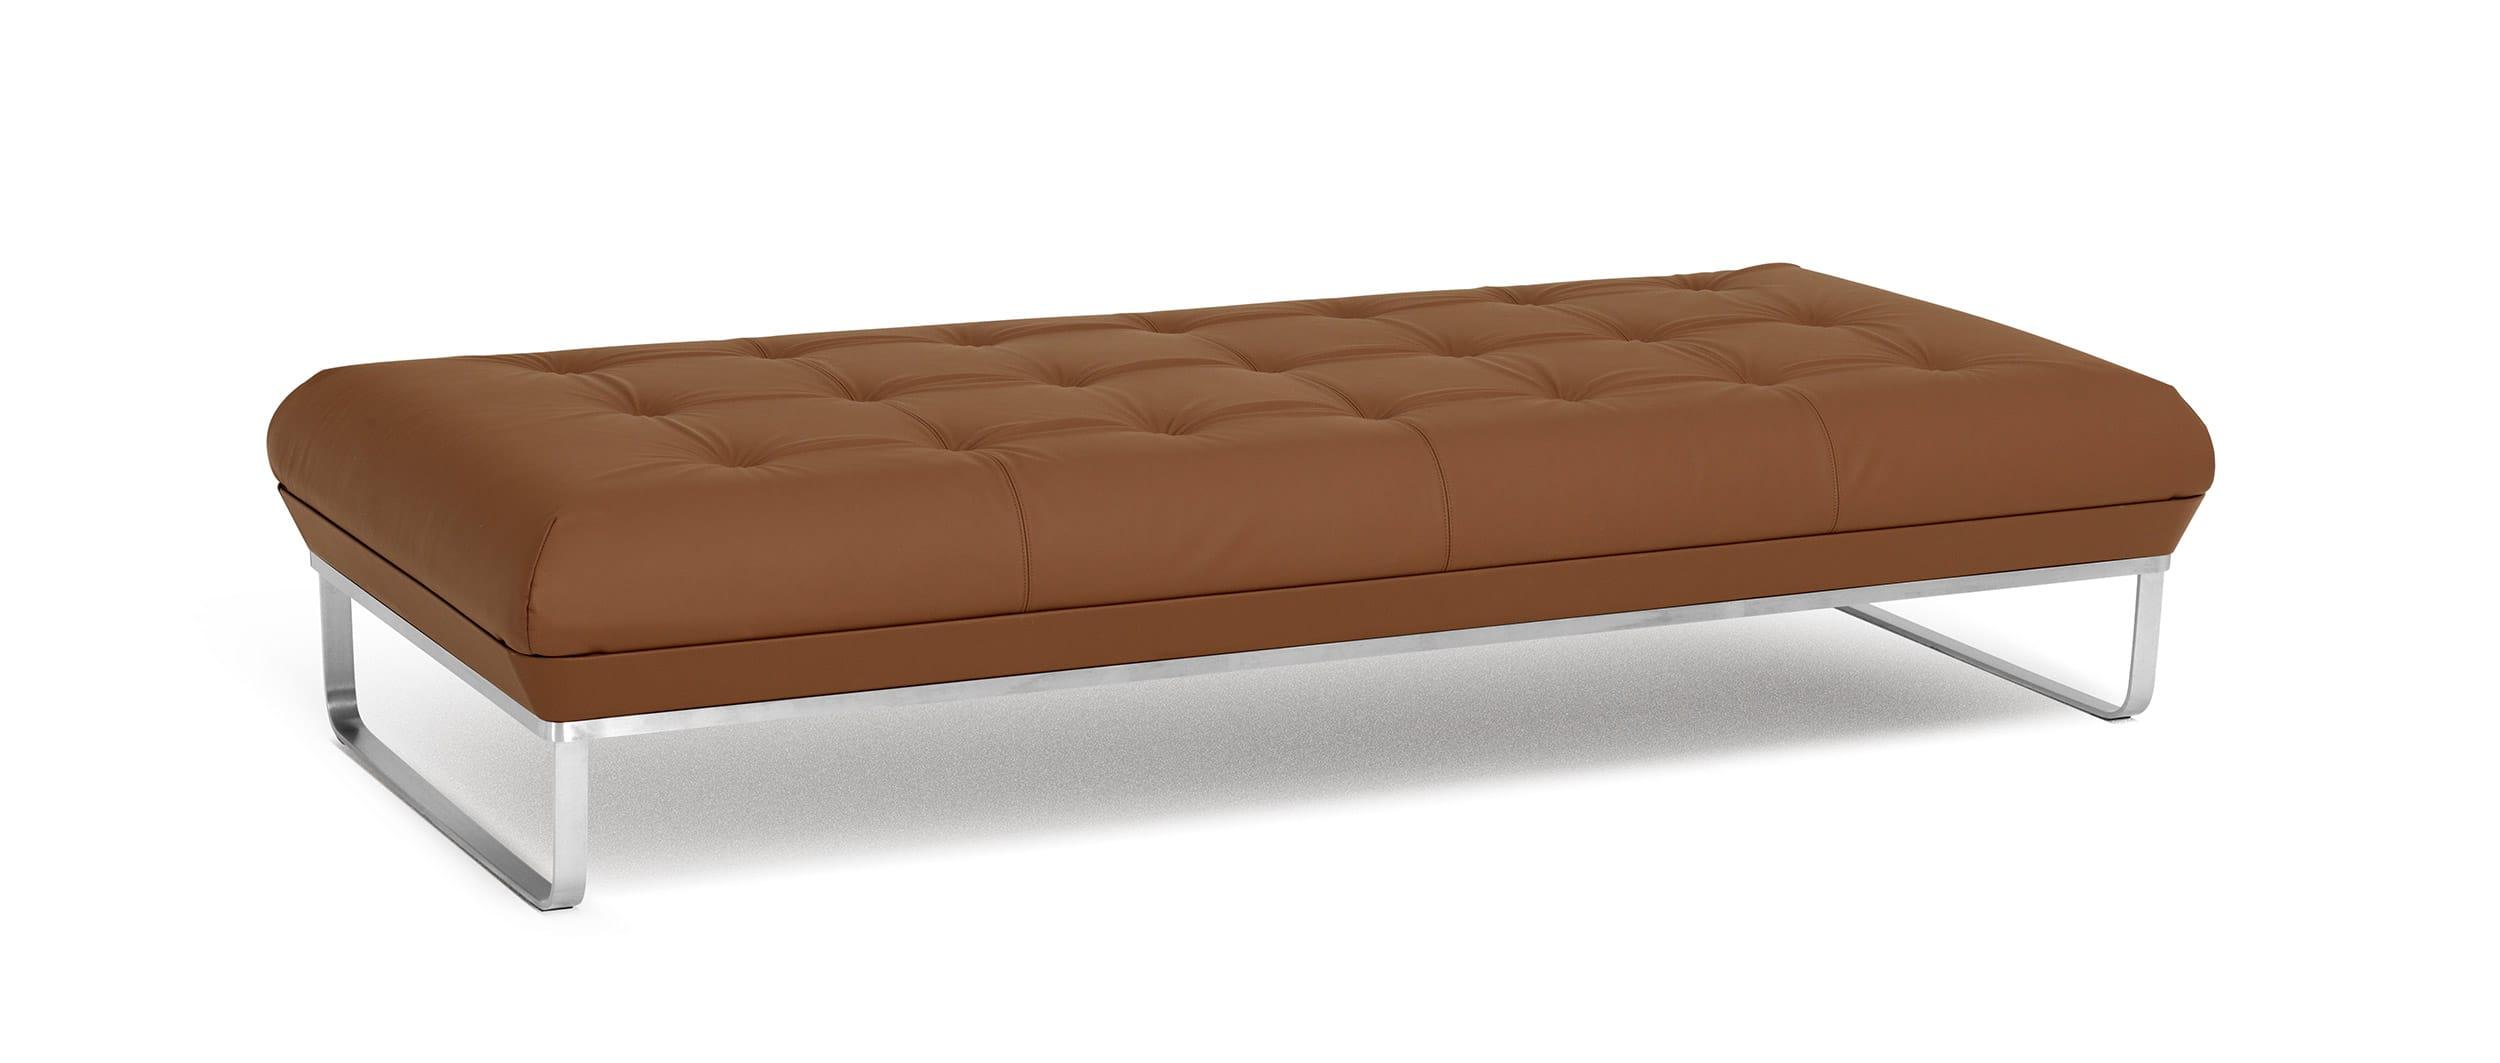 daybed schlafliege mit lattenrost von swiss plus. Black Bedroom Furniture Sets. Home Design Ideas